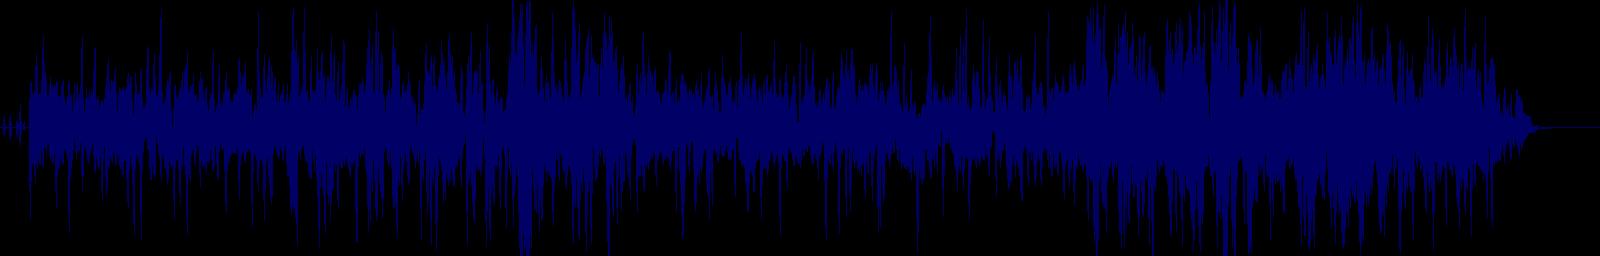 waveform of track #159122